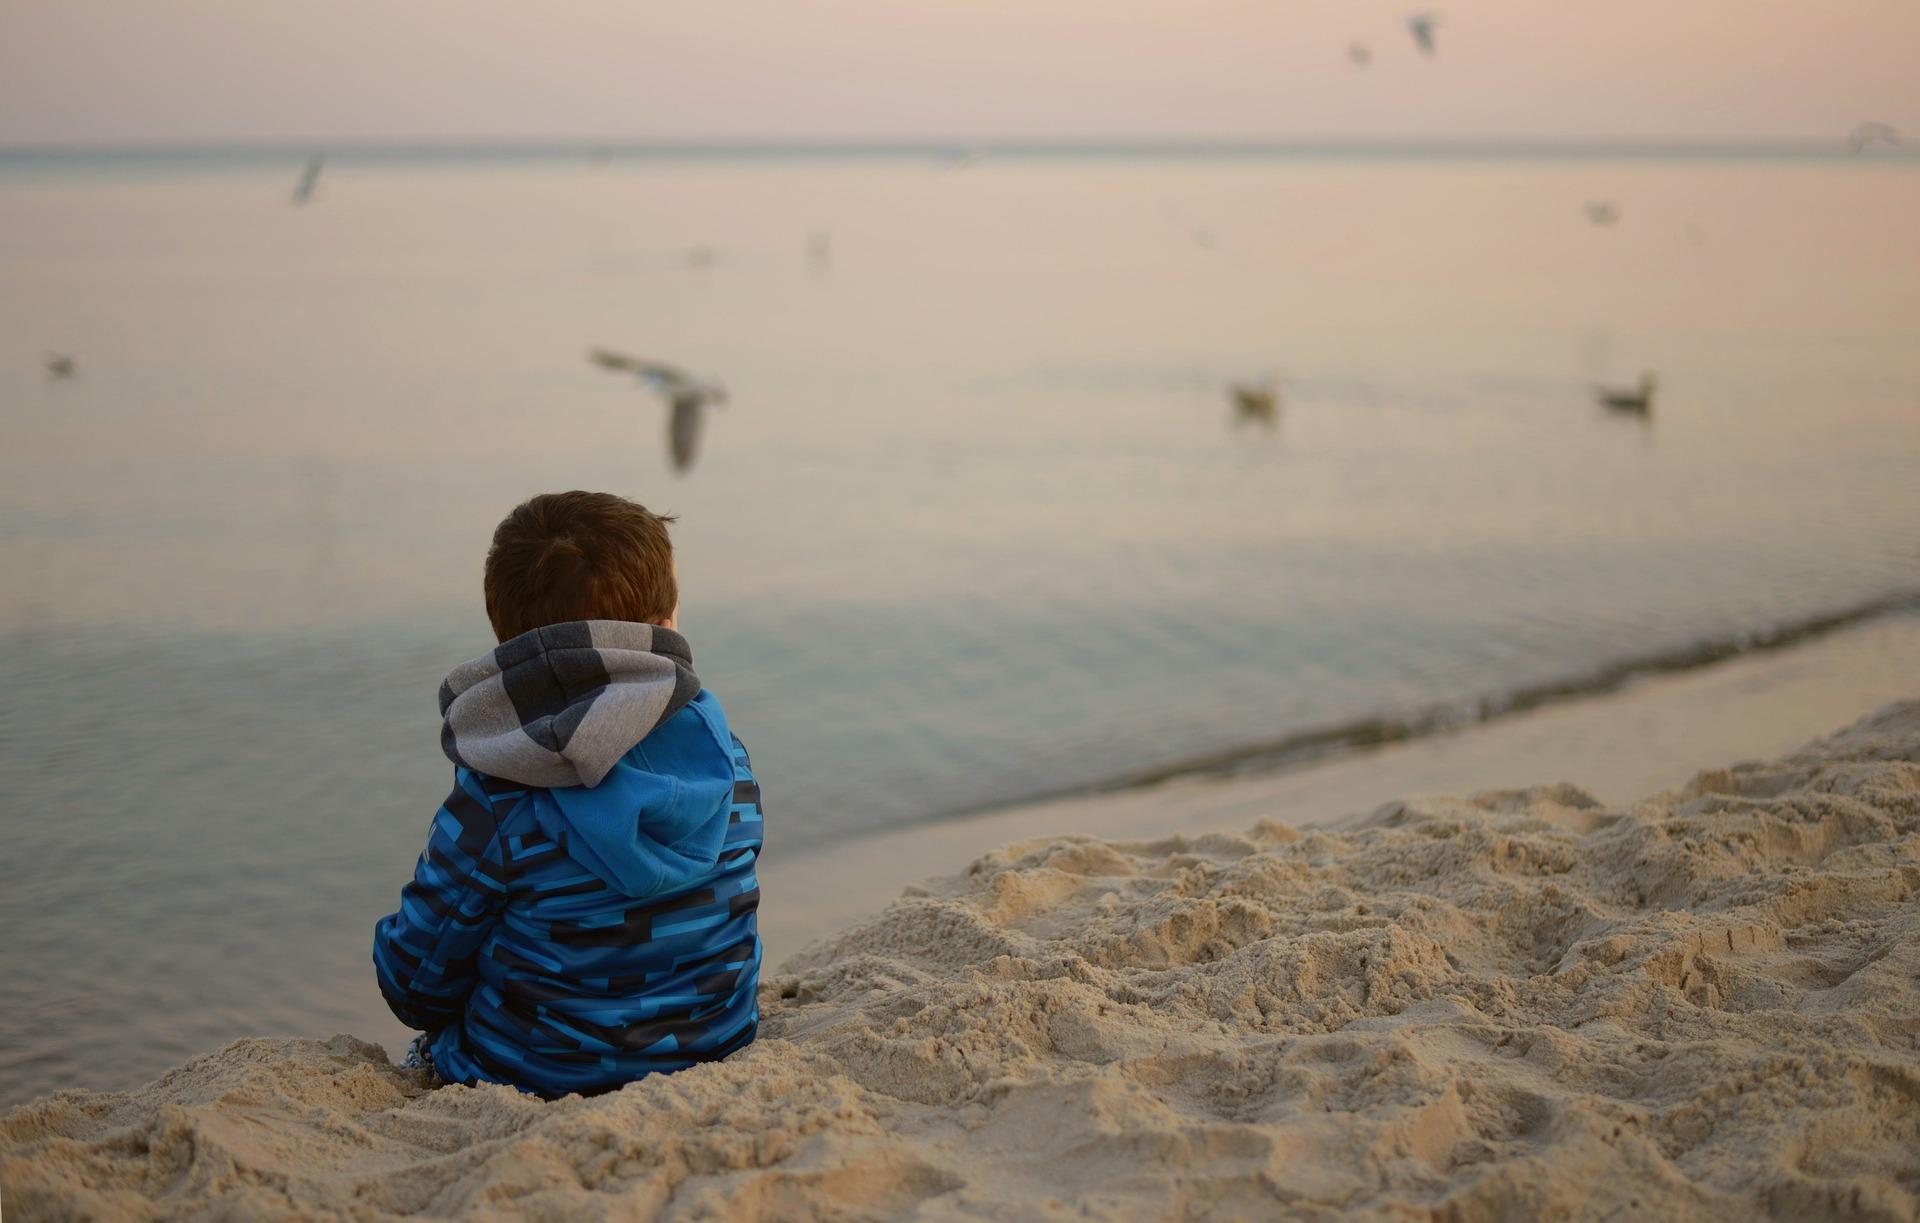 La solitude permet de se retrouver et aussi de se reposer les oreilles pour mieux repartir ensuite.